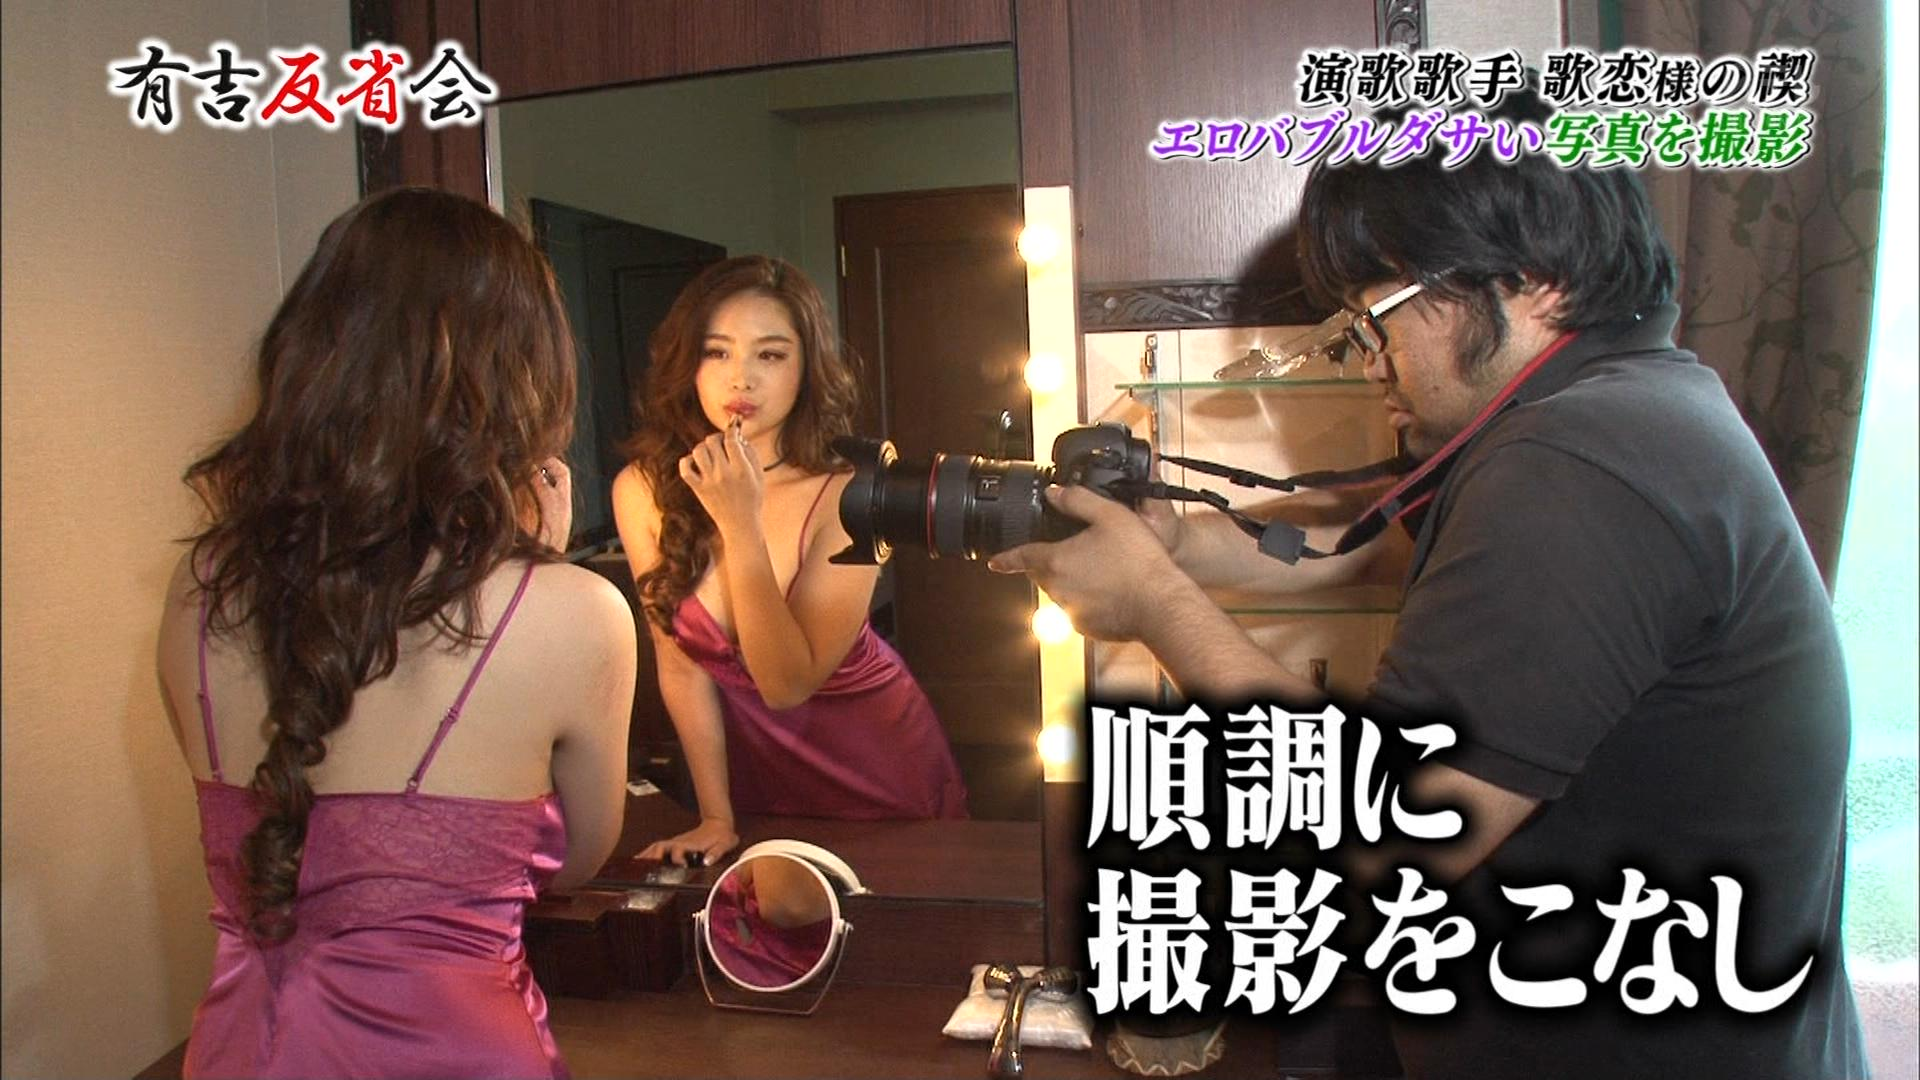 歌恋(24)巨乳演歌歌手の有吉反省会エロキャプ画像33枚・17枚目の画像